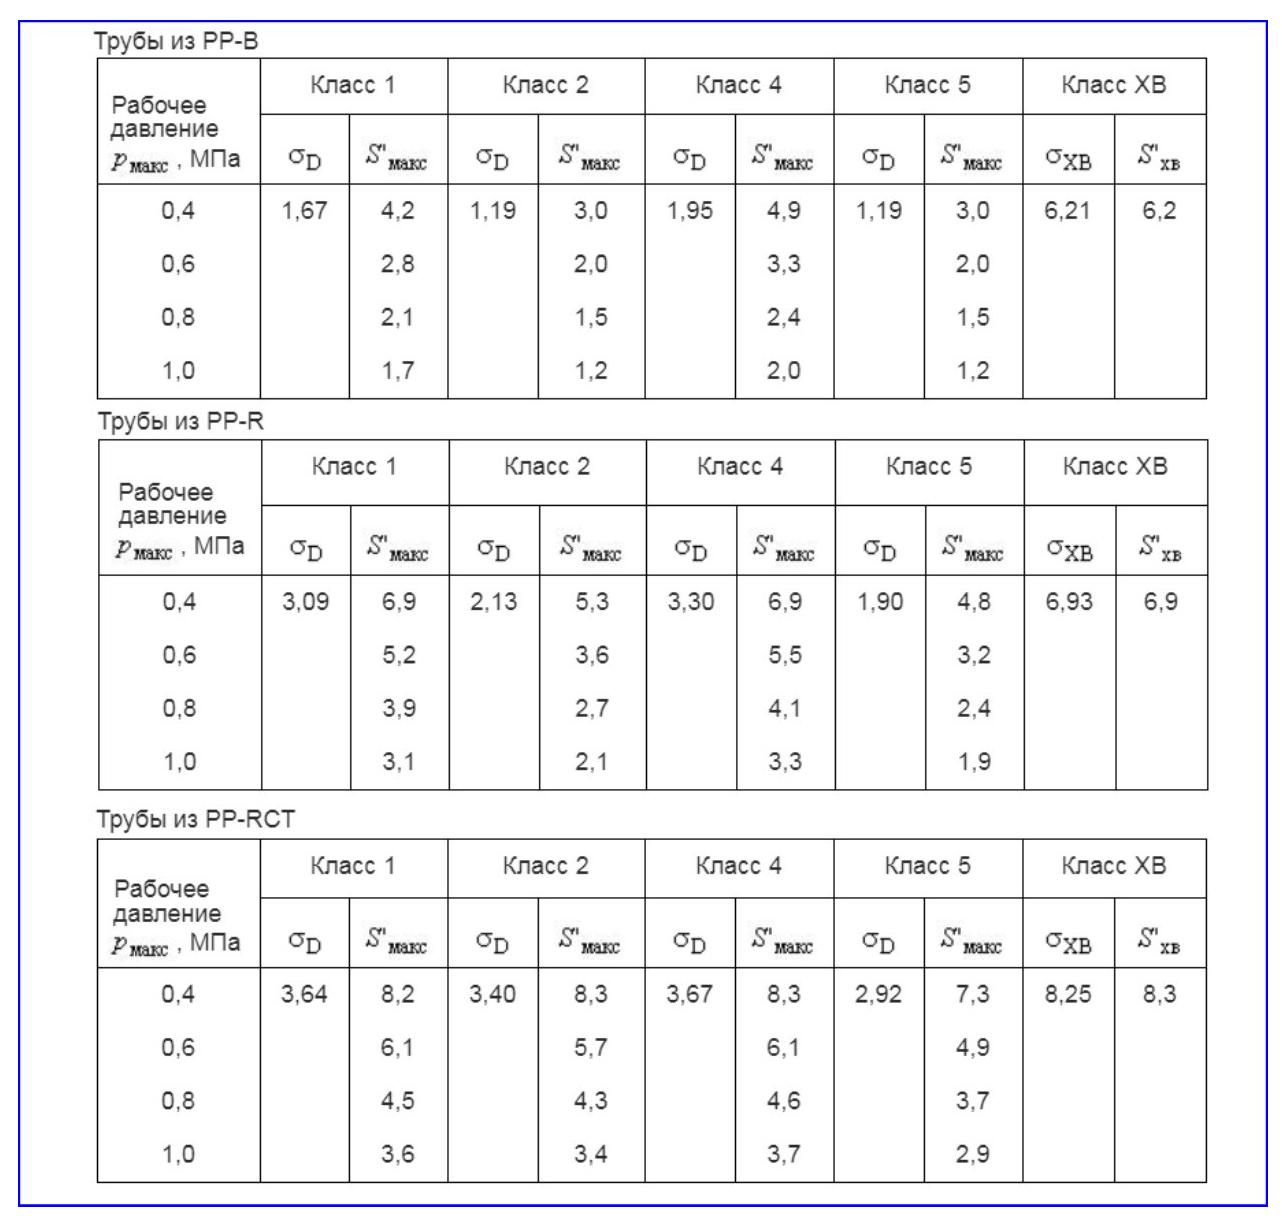 Таблицы для определения серии ПП-труб для разных классов эксплуатации по ГОСТ 32415-2013.